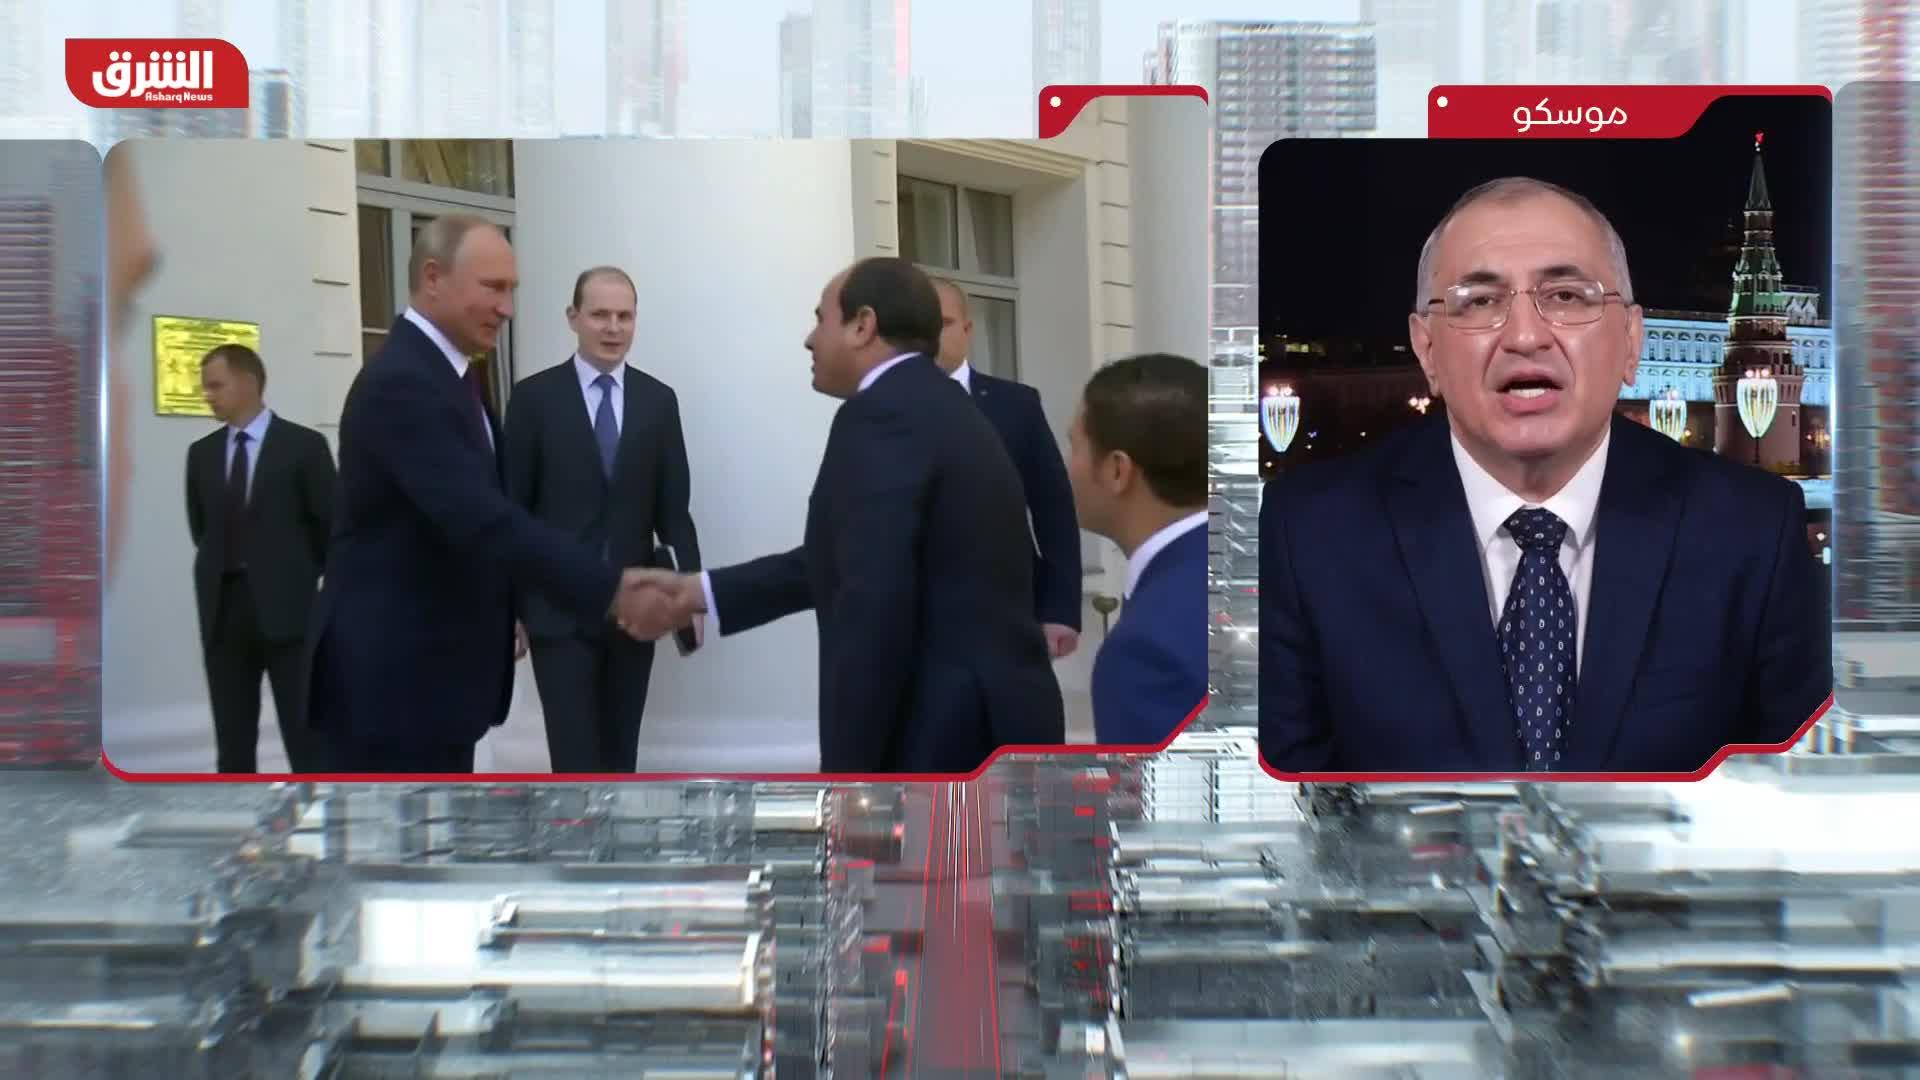 نمو صادرت روسيا من الأسلحة بالشرق الأوسط وشمال إفريقيا